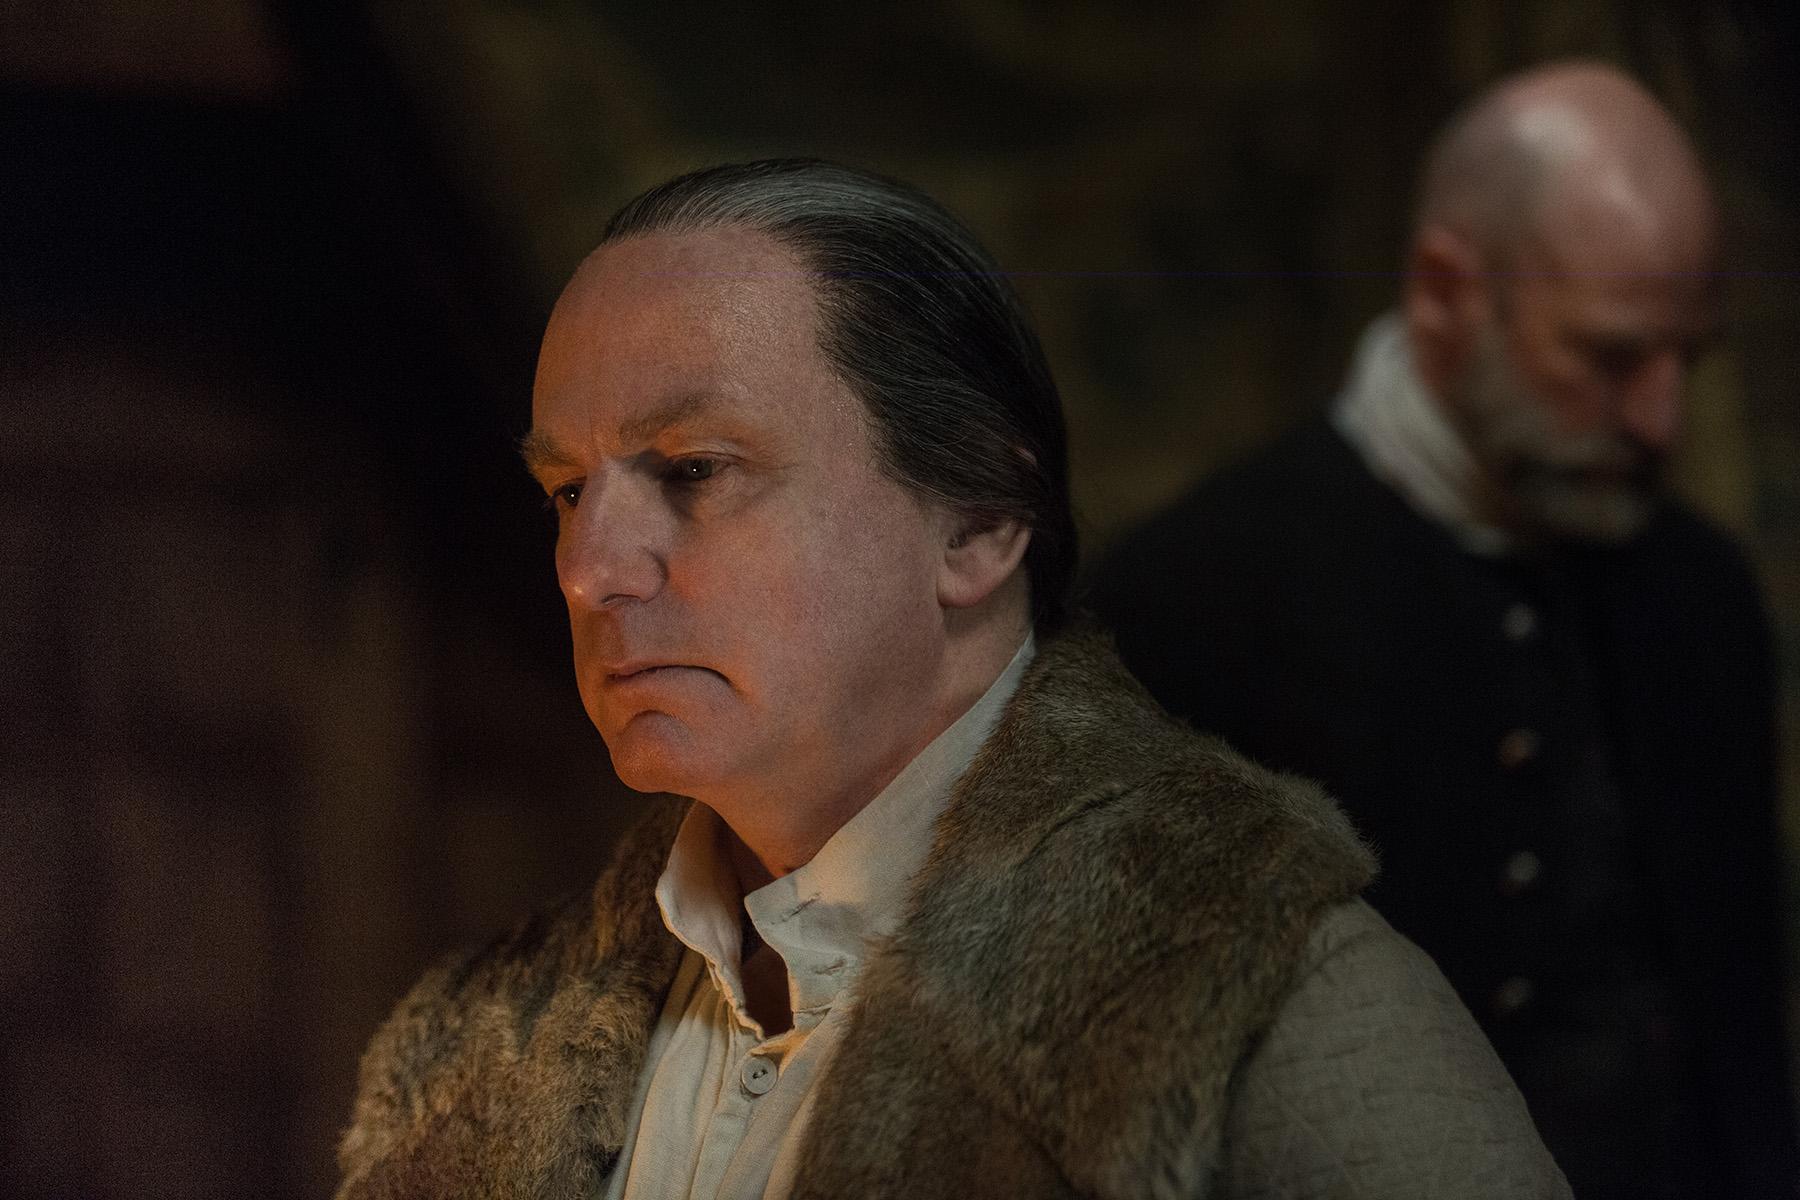 Previews and official photos of 'Outlander' Episode 110